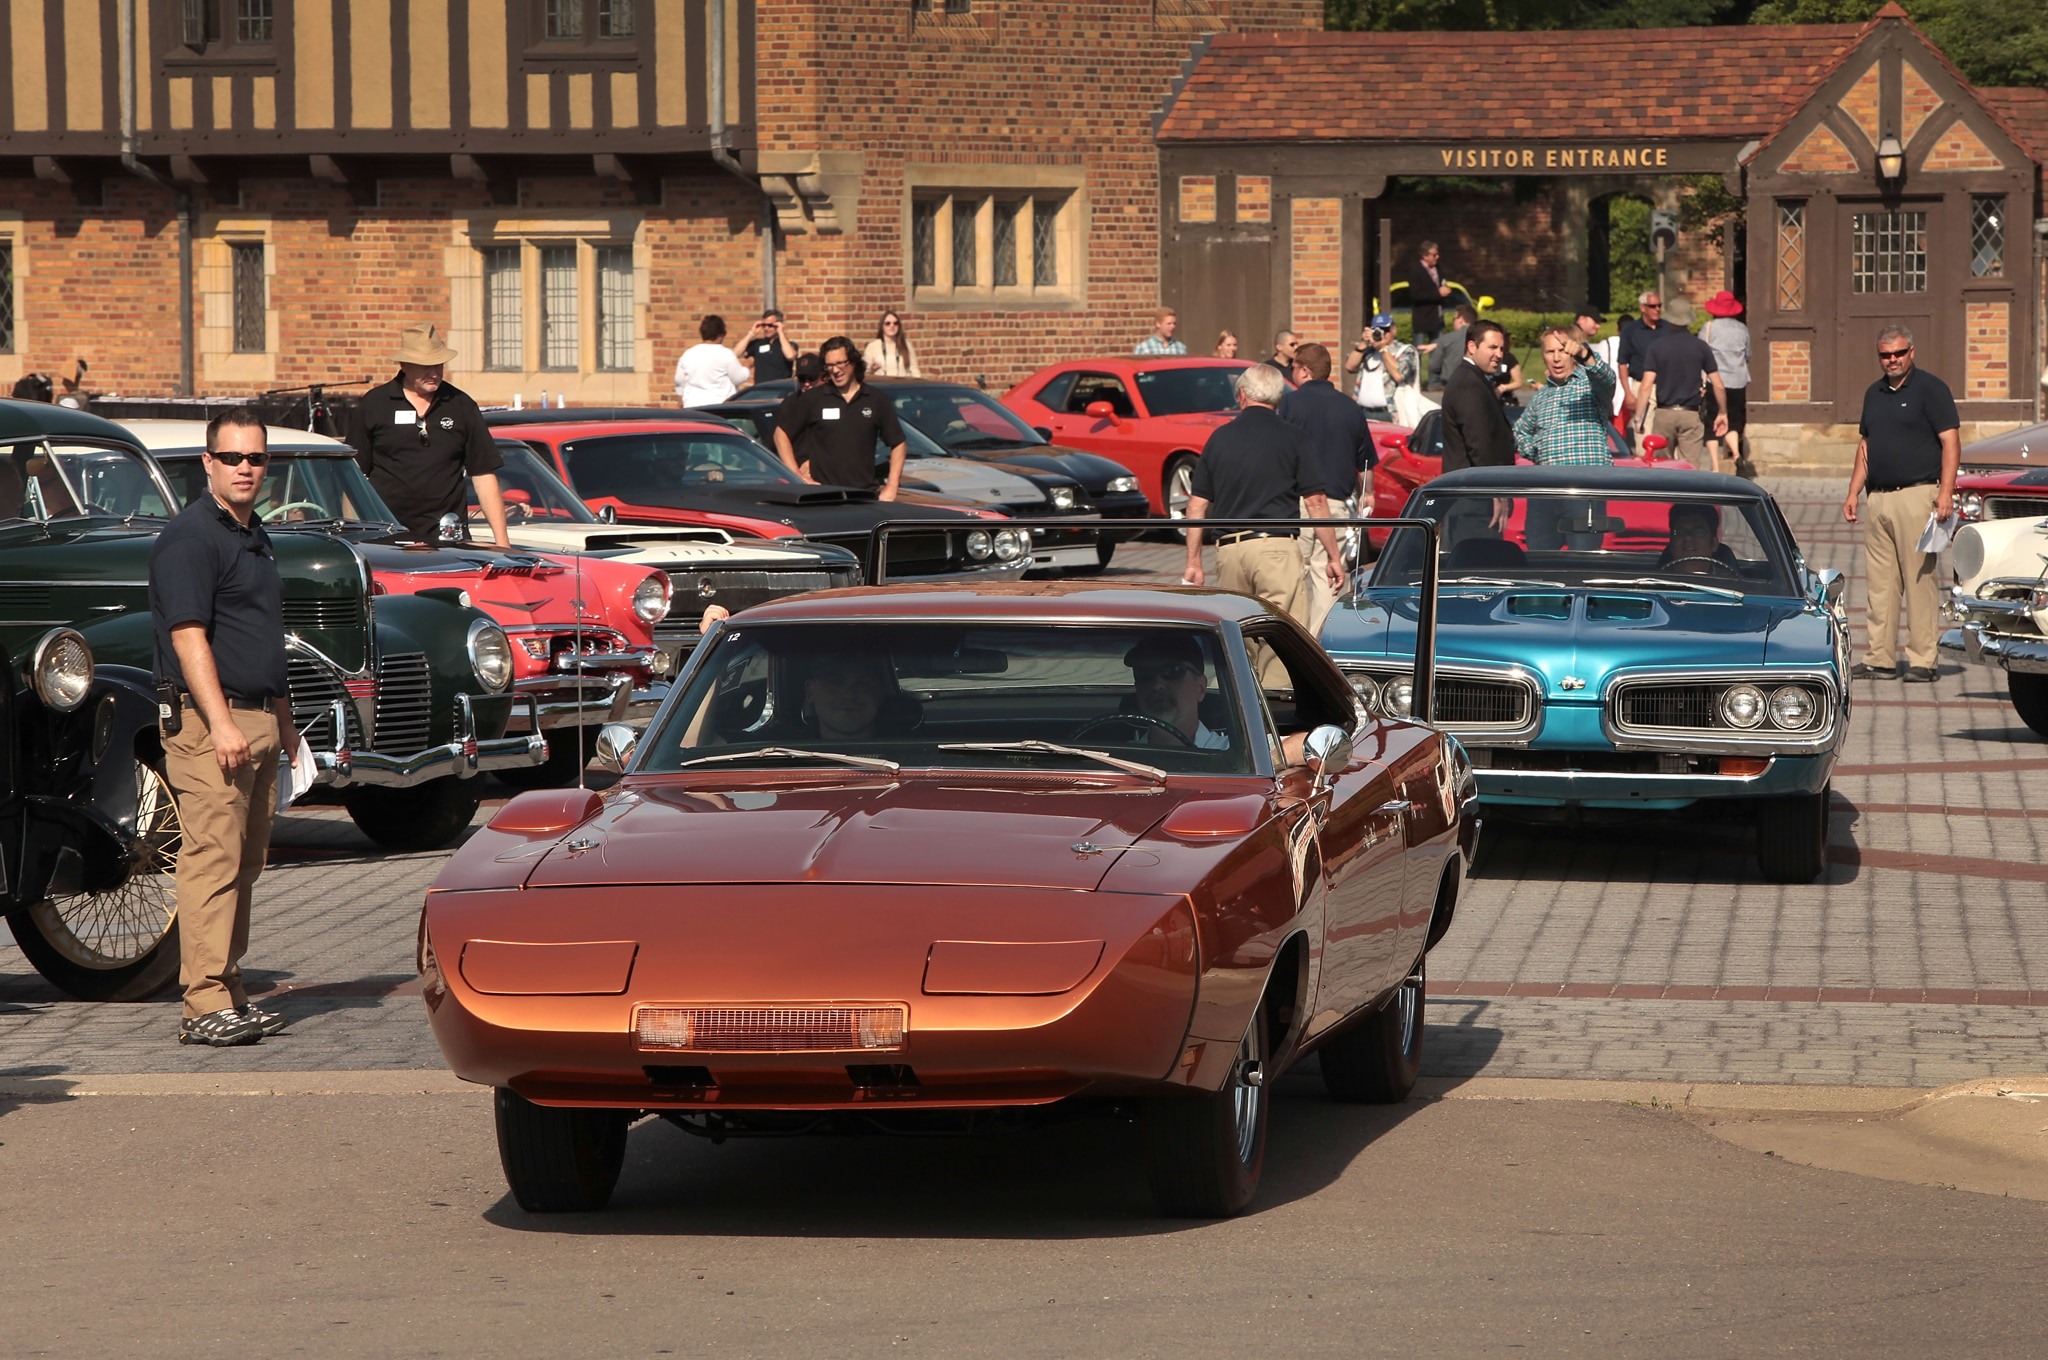 1969 Dodge Charger Daytona Front End1